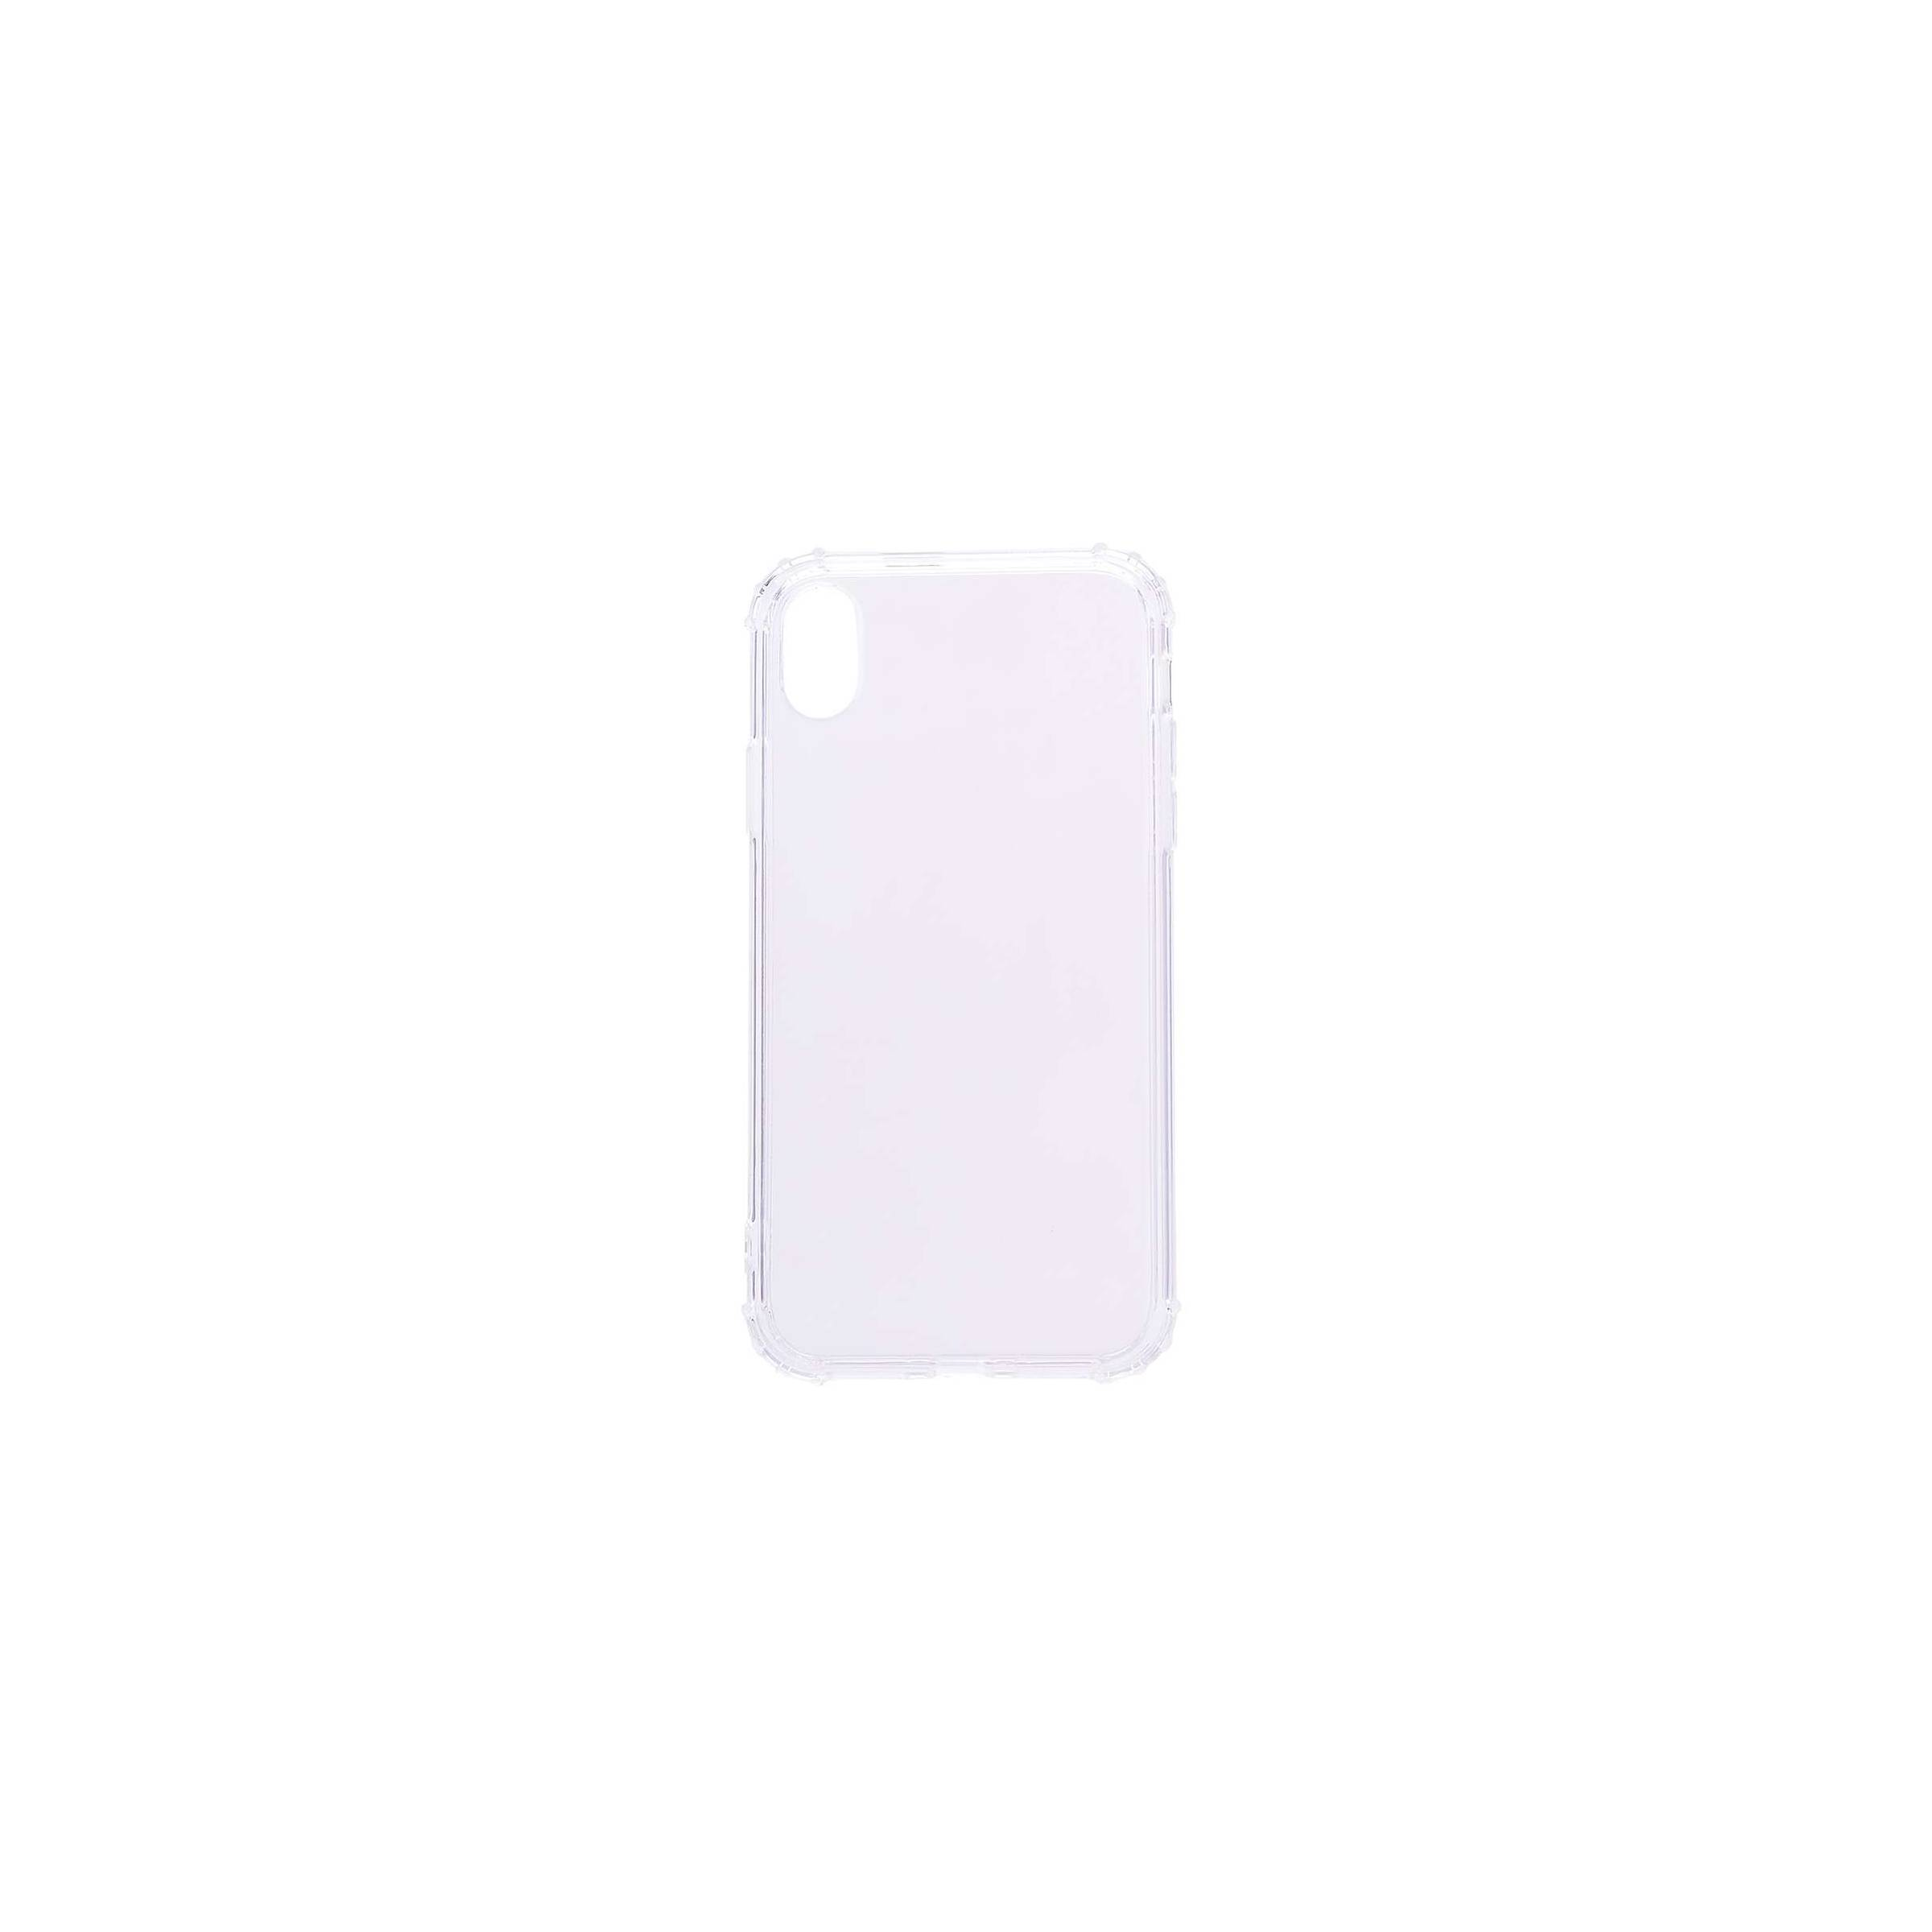 Iphone xs max tyndt silikone cover med stødpuder iphone iphone xs max fra kina oem fra mackabler.dk